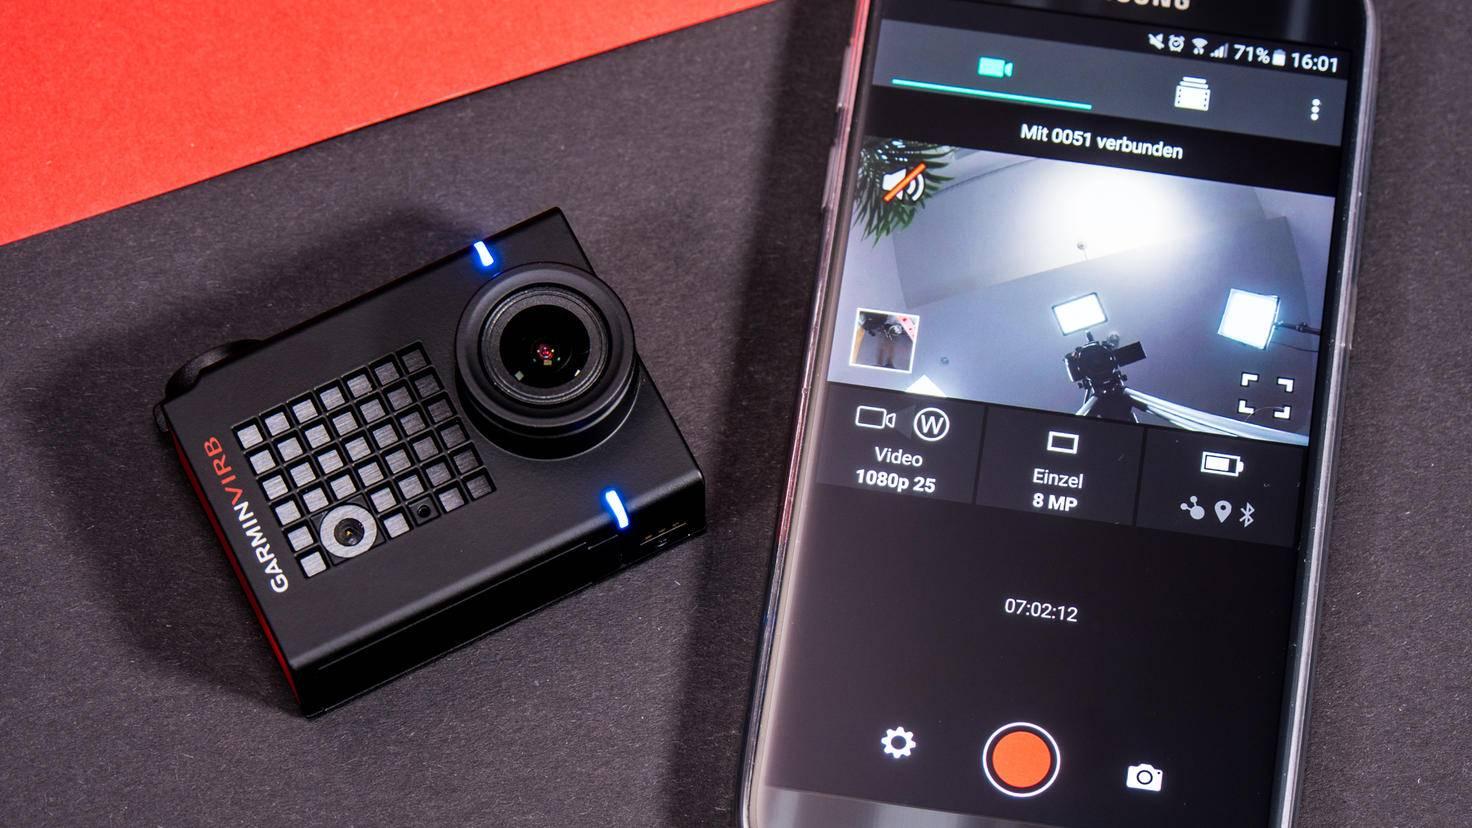 Die Anwendung liefert unter anderem ein Live-View-Bild.